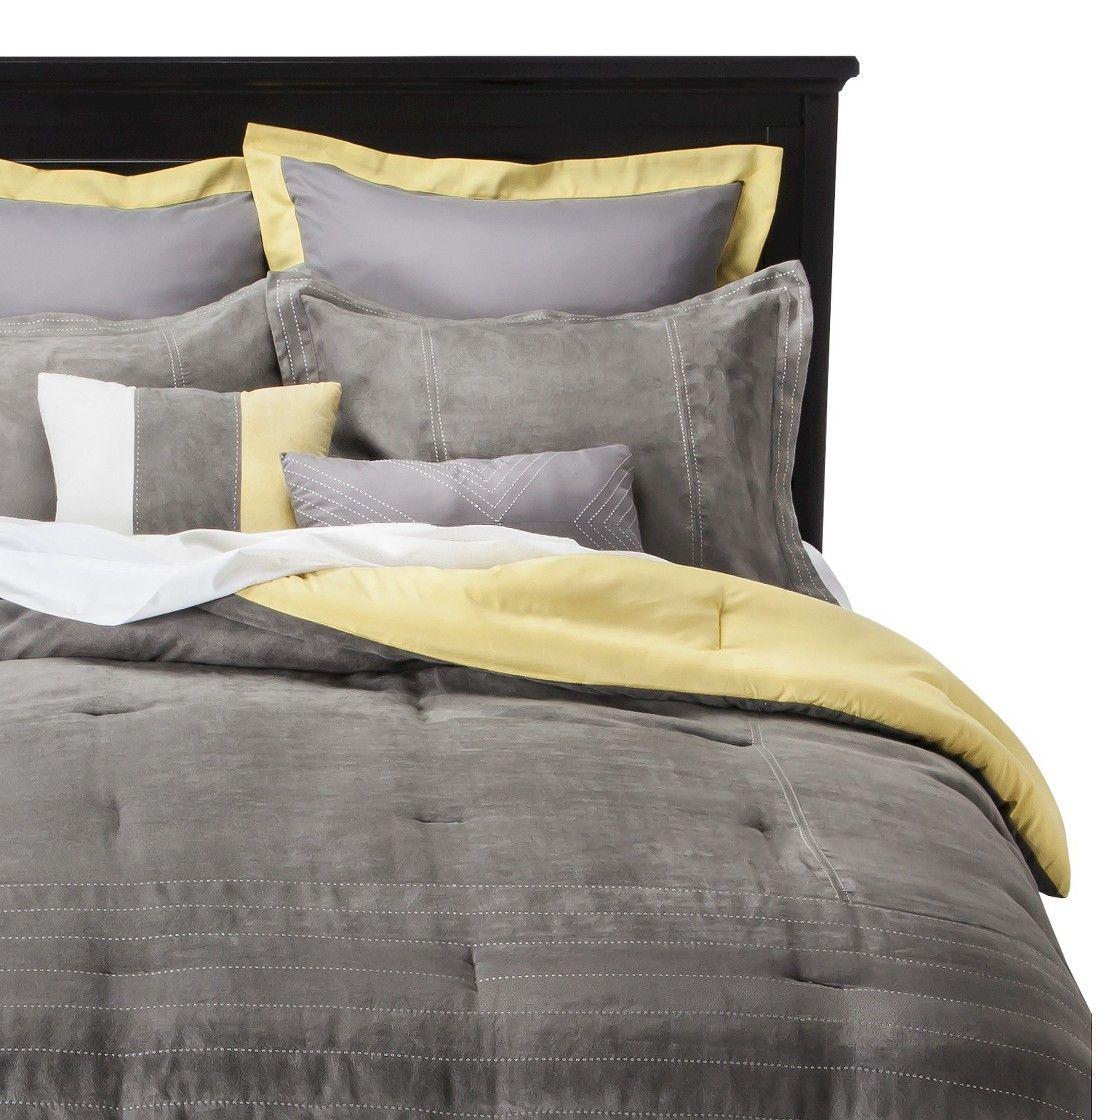 Express Microsuede Comforter Set Comforter Sets Grey Comforter Sets Bedding Sets